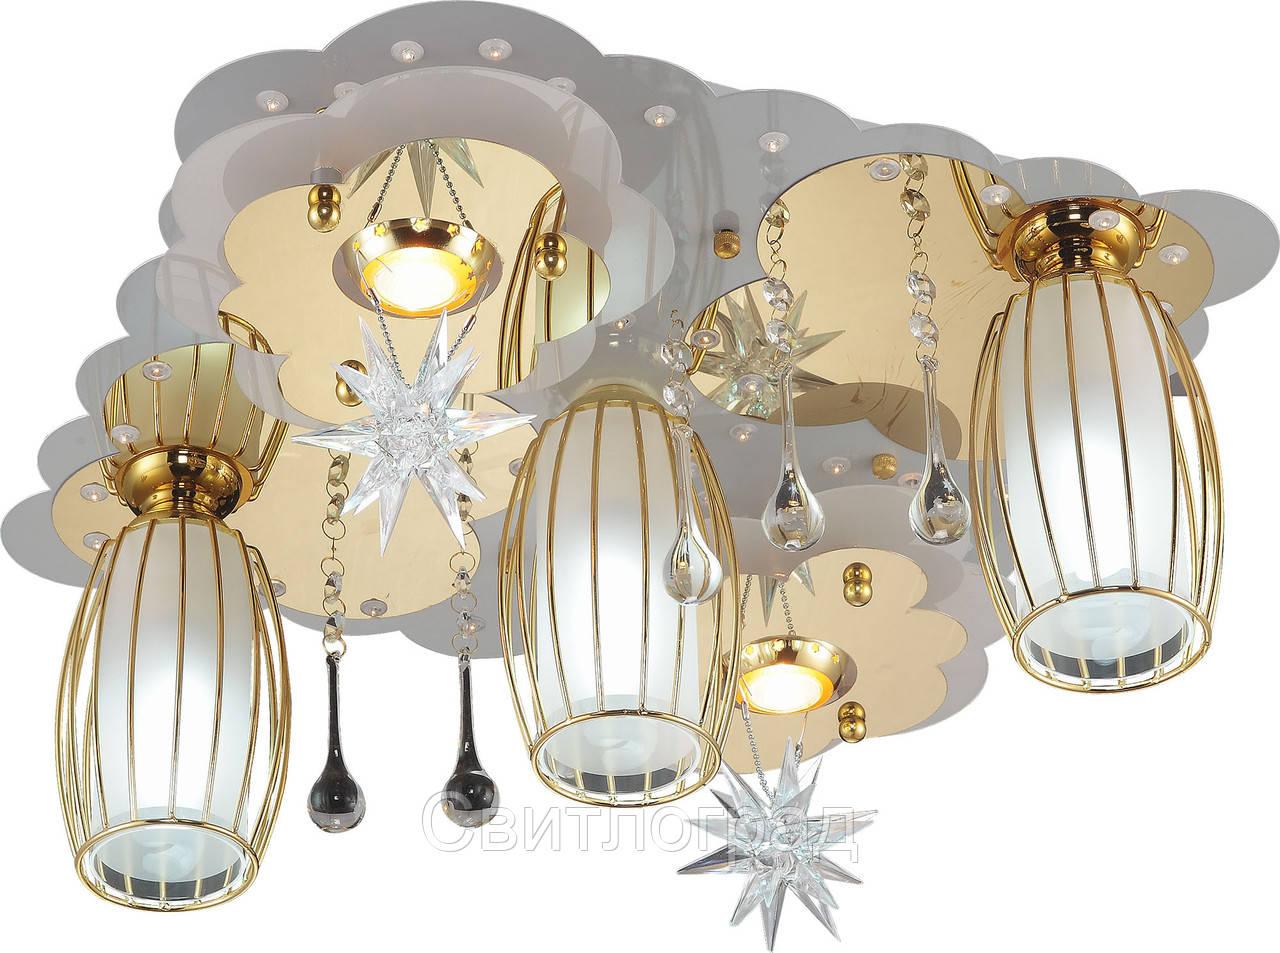 Светильник Потолочный с Led Подсветкой  с Плафонами  Altalusse LV219-05 White & Gold